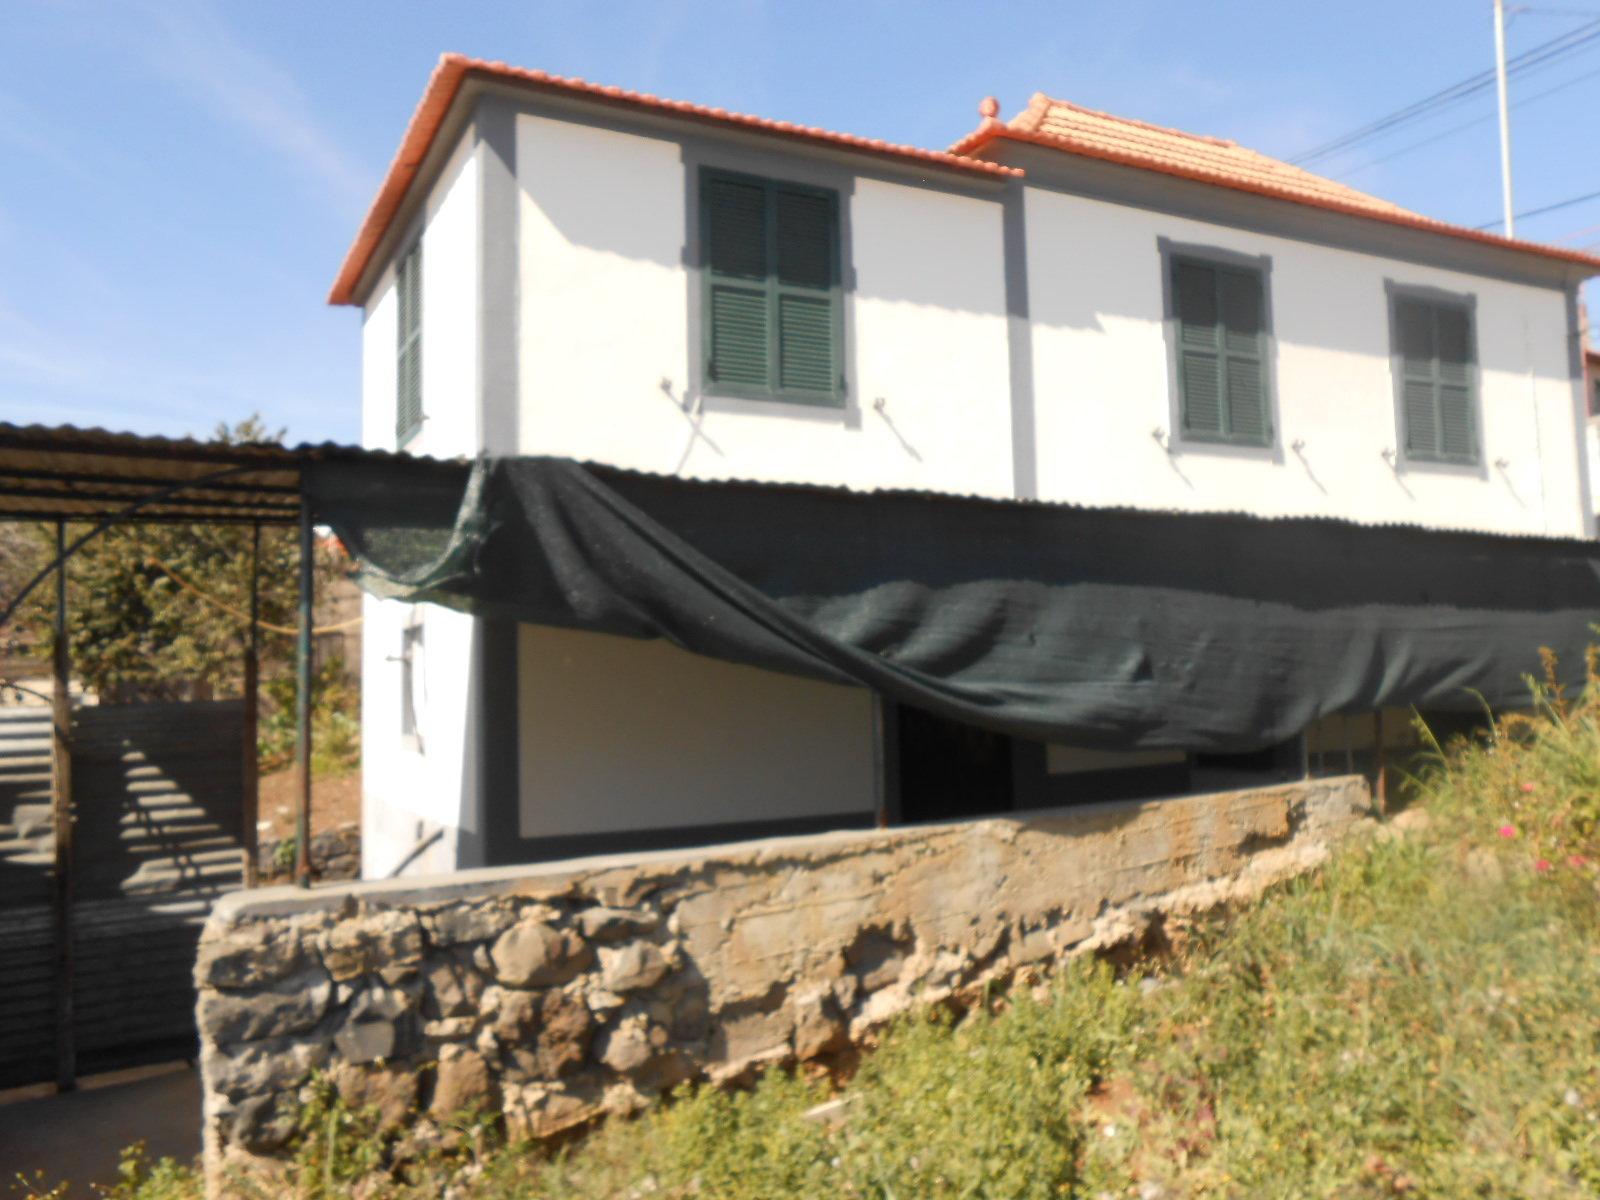 Maison traditionnelle en pierres de pays avec vue splendide sur l'océan.